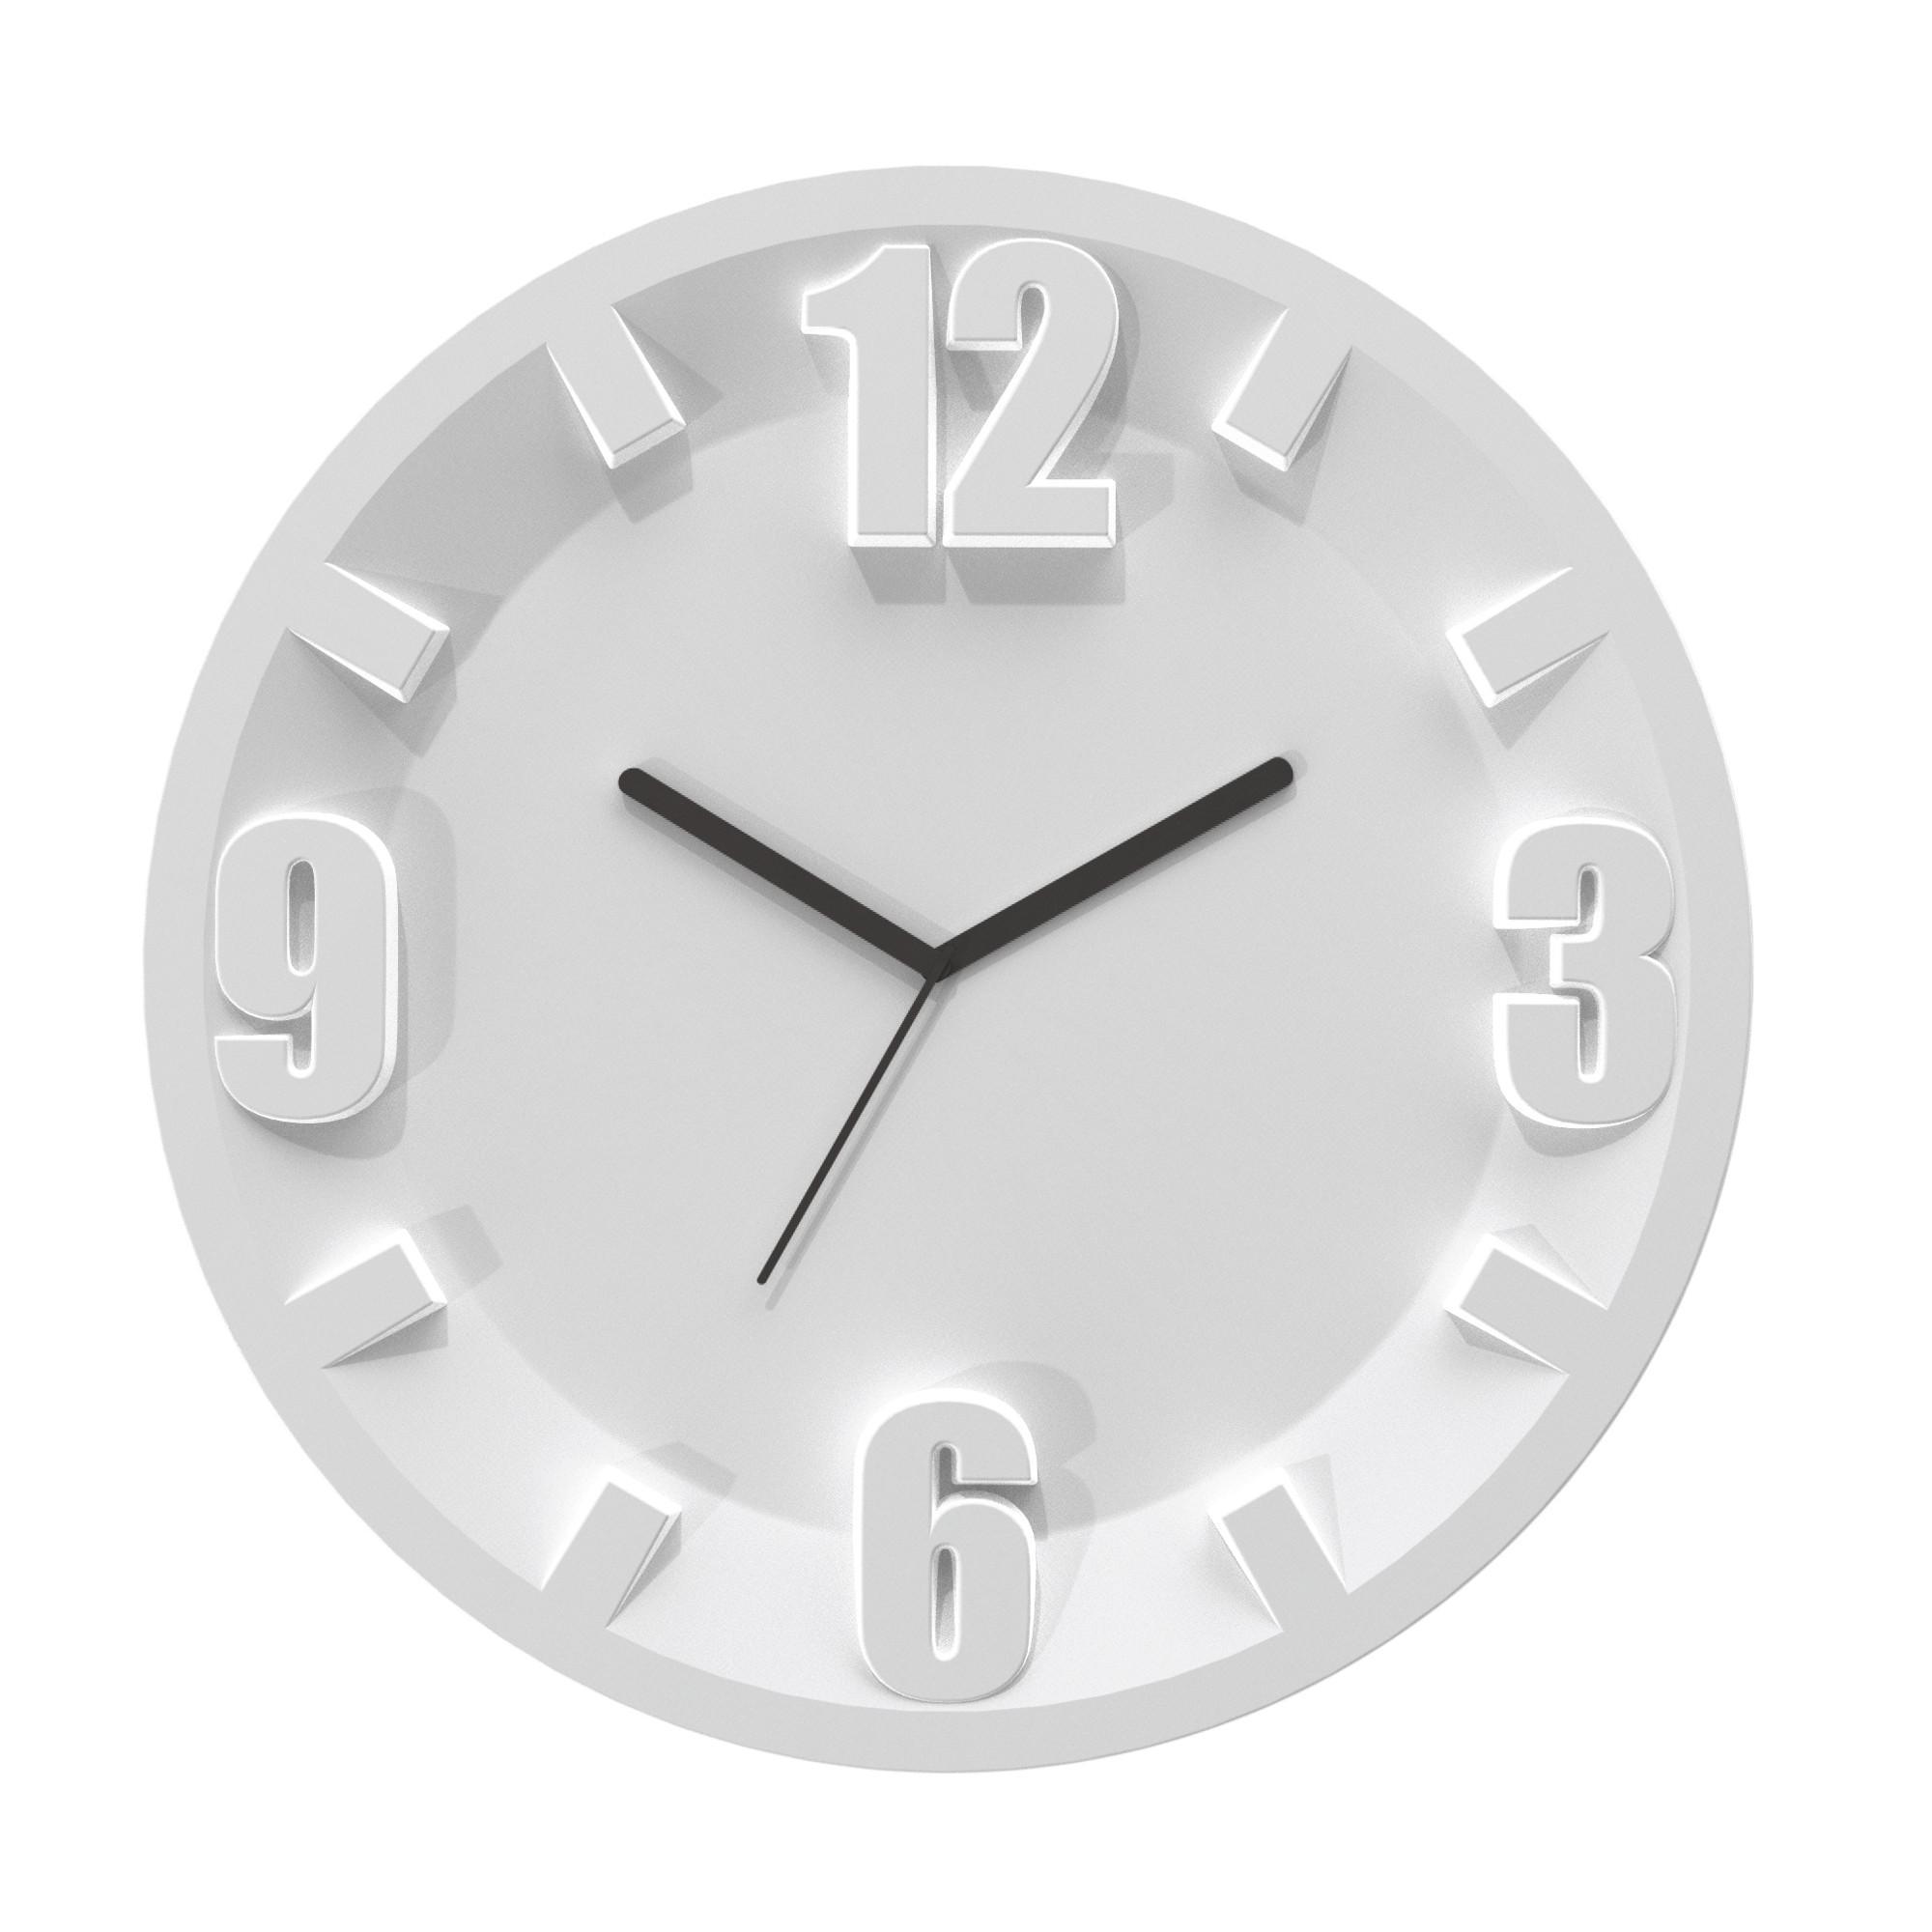 Orologio Guzzini 3-6-9-12 diametro 30x3,5 Grigio Opaco | Guzzini ...